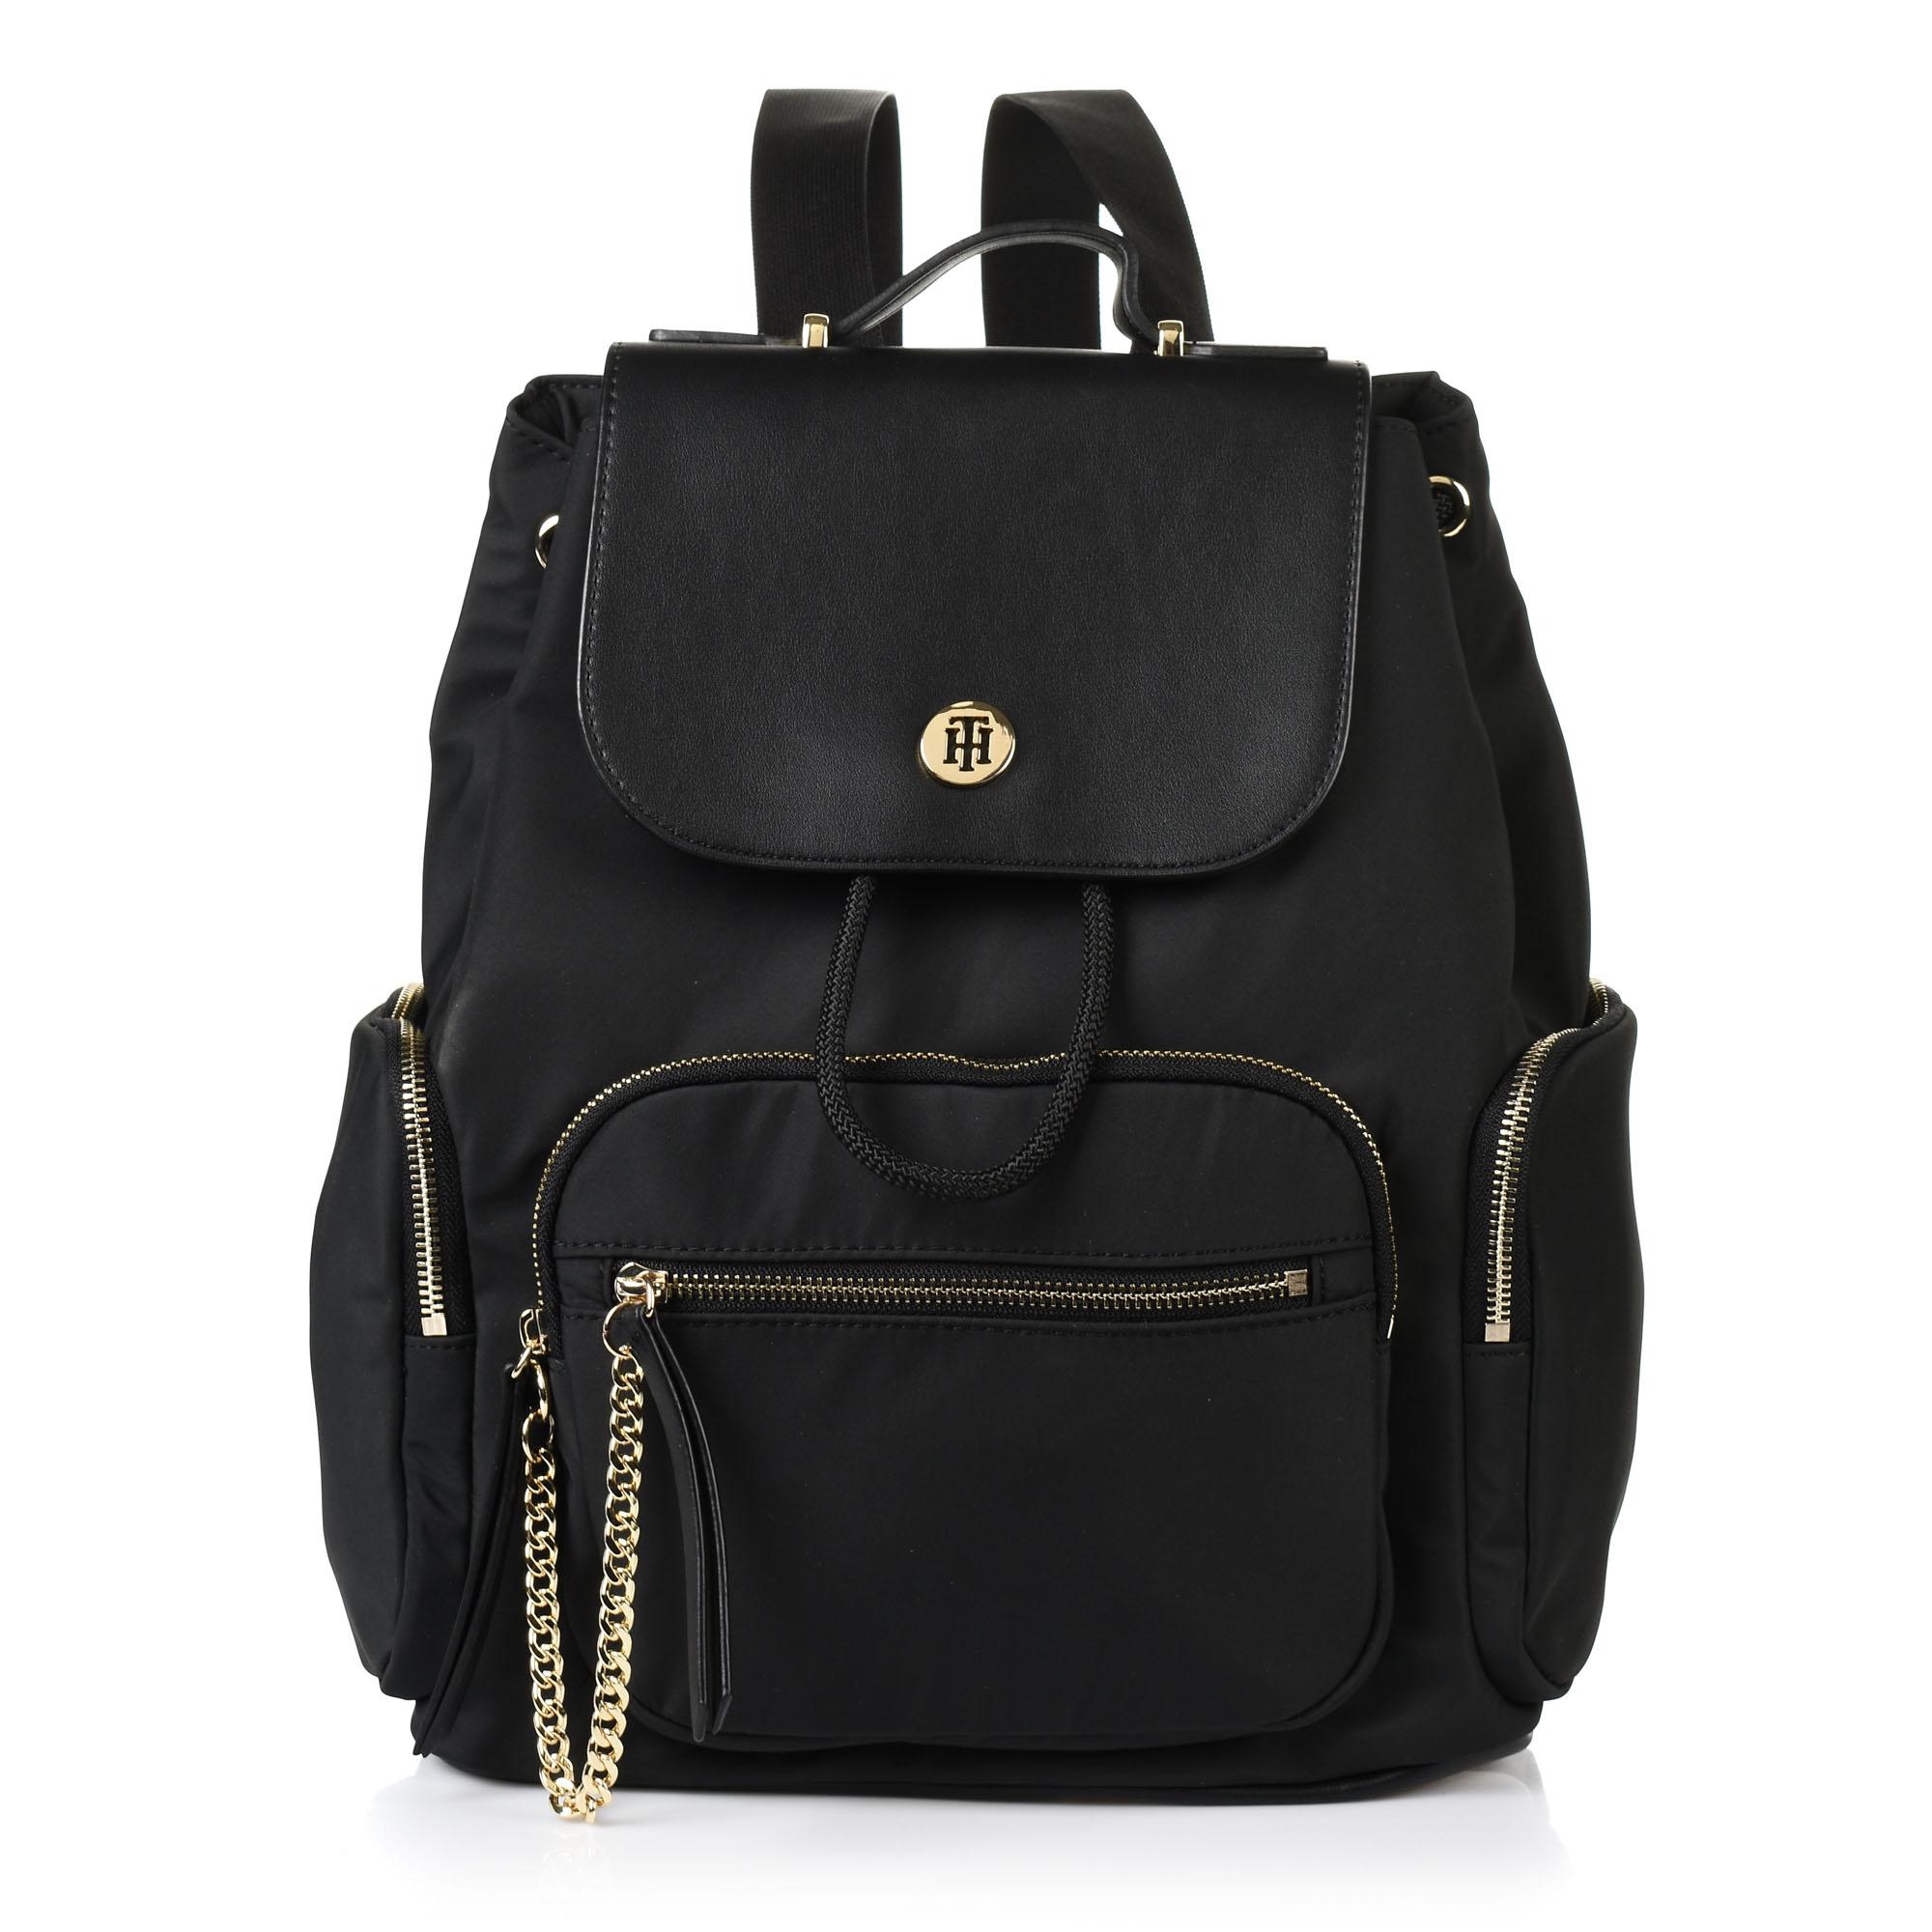 Σακίδιο Πλάτης Tommy Hilfiger Core Nylon Backpack AW0AW06828